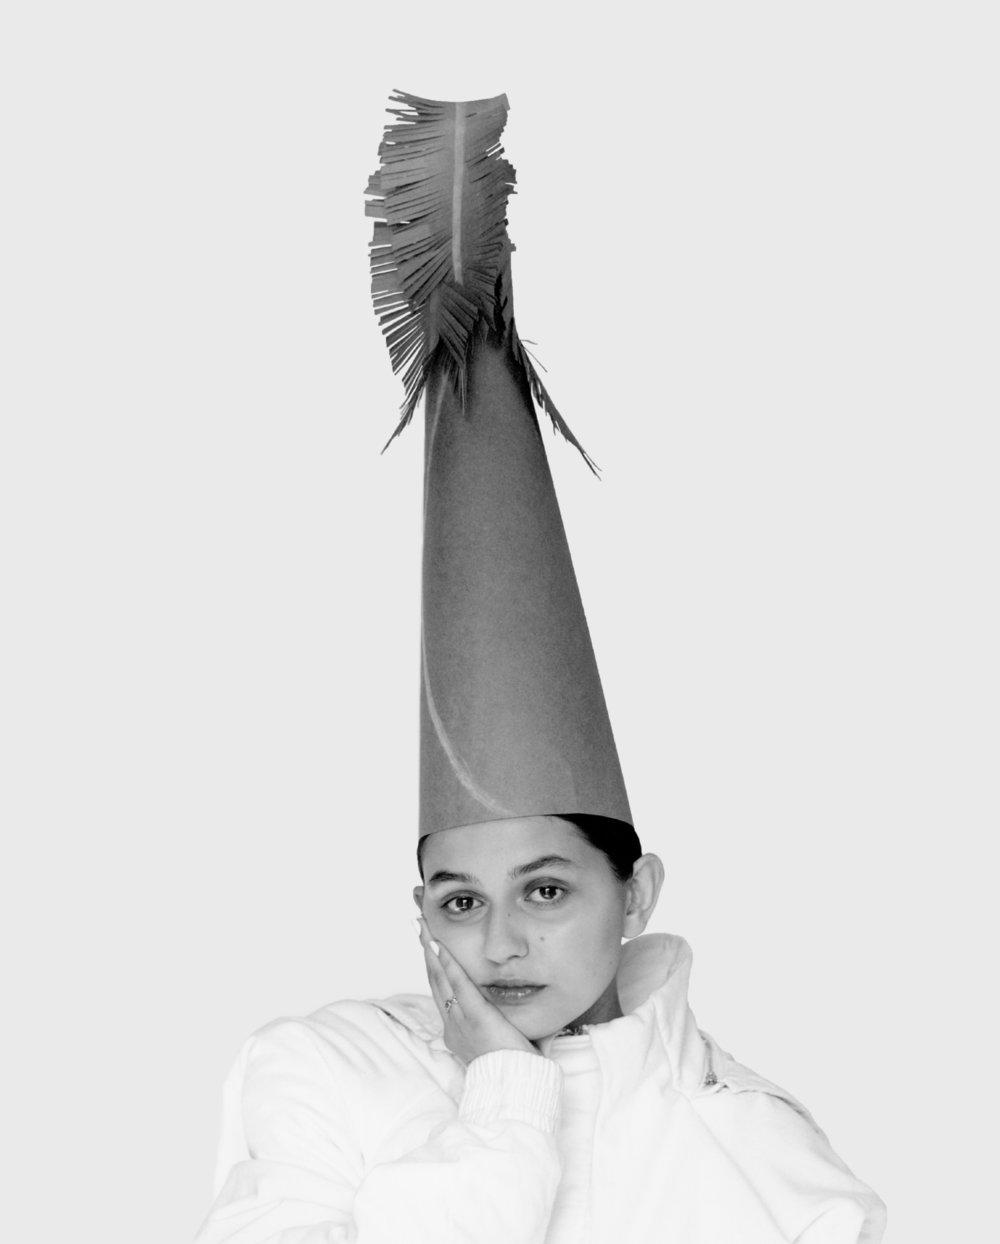 Helena viste top de  FEN CHEN WANG  y sombrero de  ALBA FAGGIONATO.